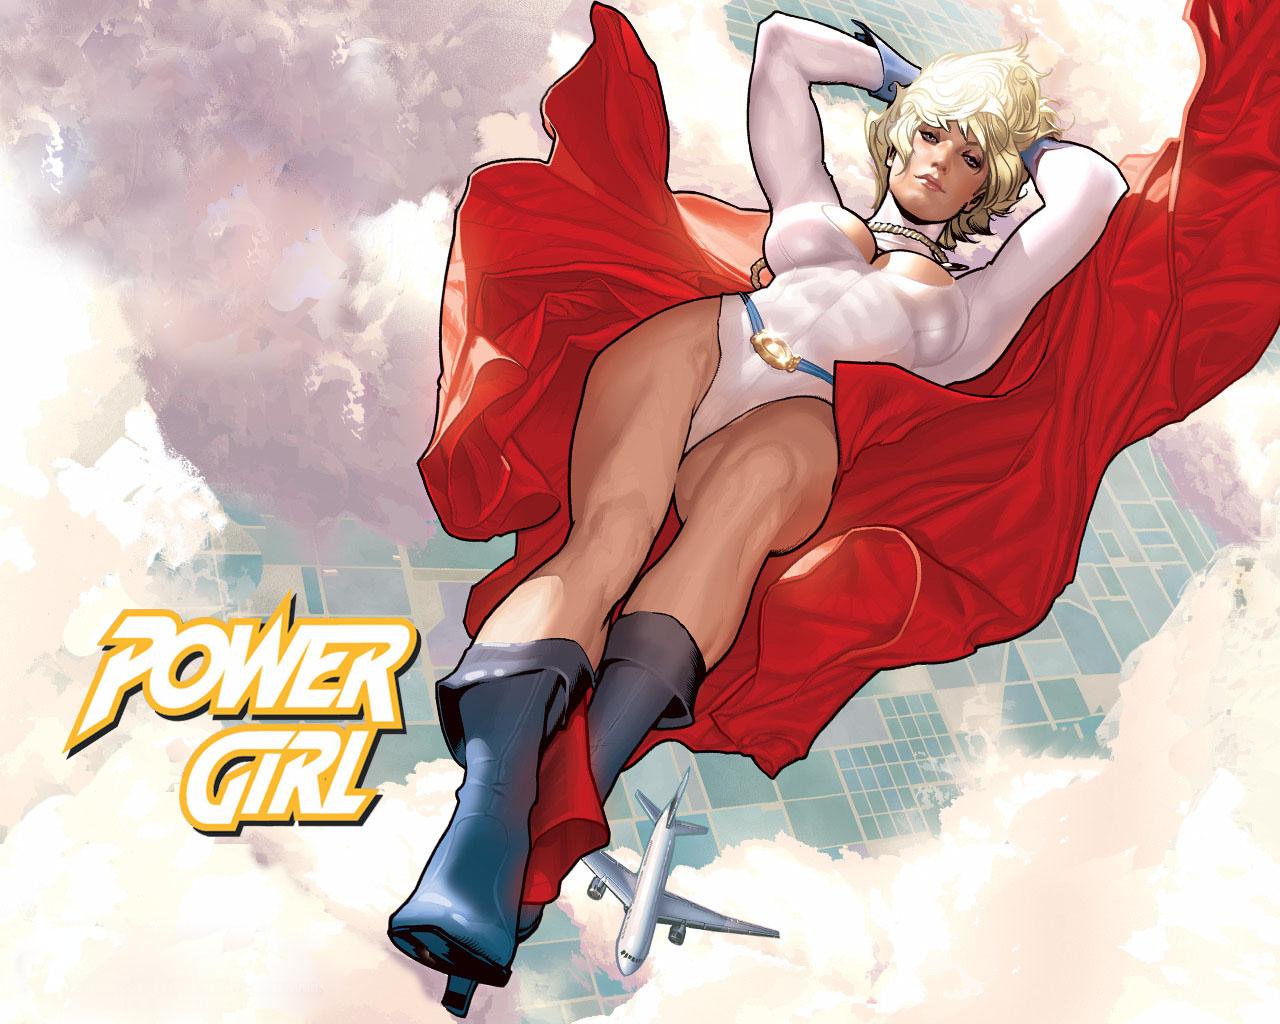 http://1.bp.blogspot.com/-IdYg0d9qIFM/TzsN4XRC6QI/AAAAAAAAHIU/CCfNiKiu1R0/s1600/Wallpaper_Power_Girl.jpg